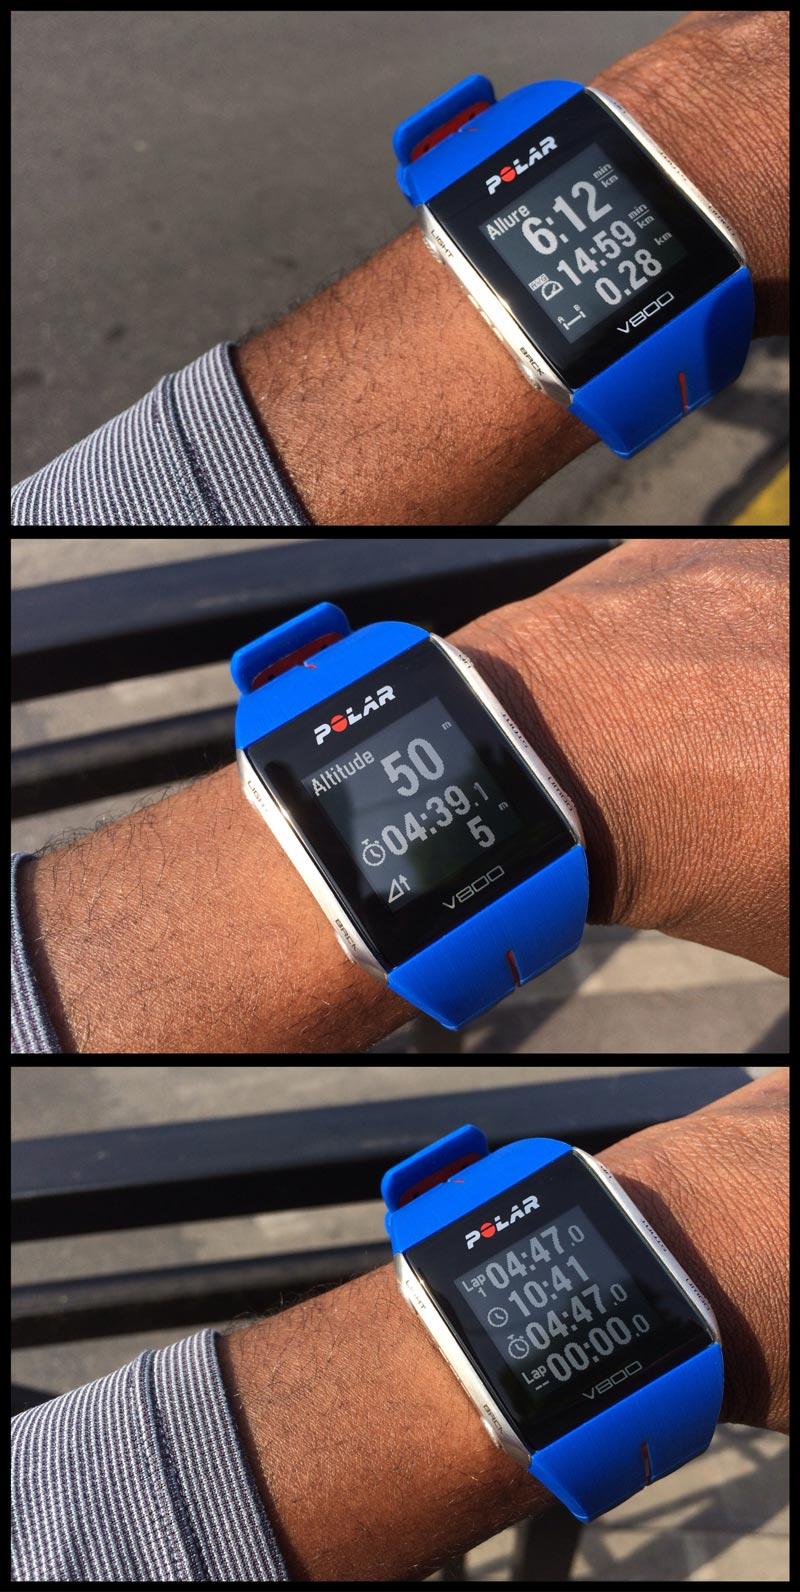 La montre de sport GPS Polar V800 : exemples d'écrans. Ph Moctar KANE.